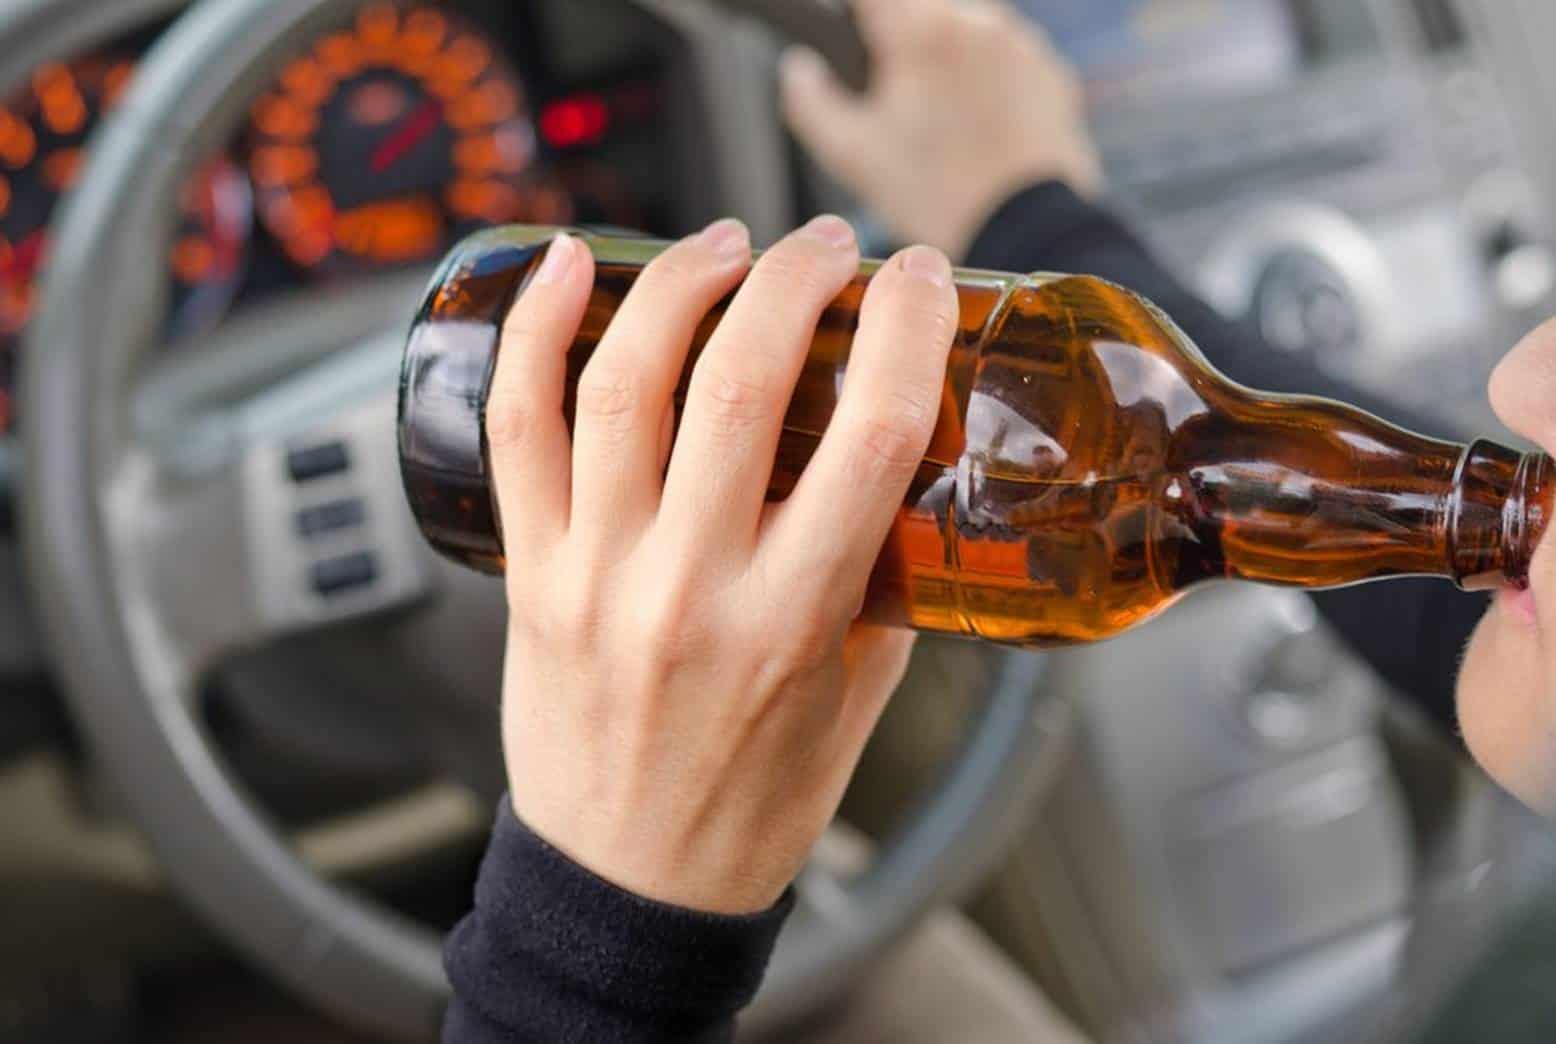 Dirigir bebendo não gera apenas multa. Veja o que pode acontecer!